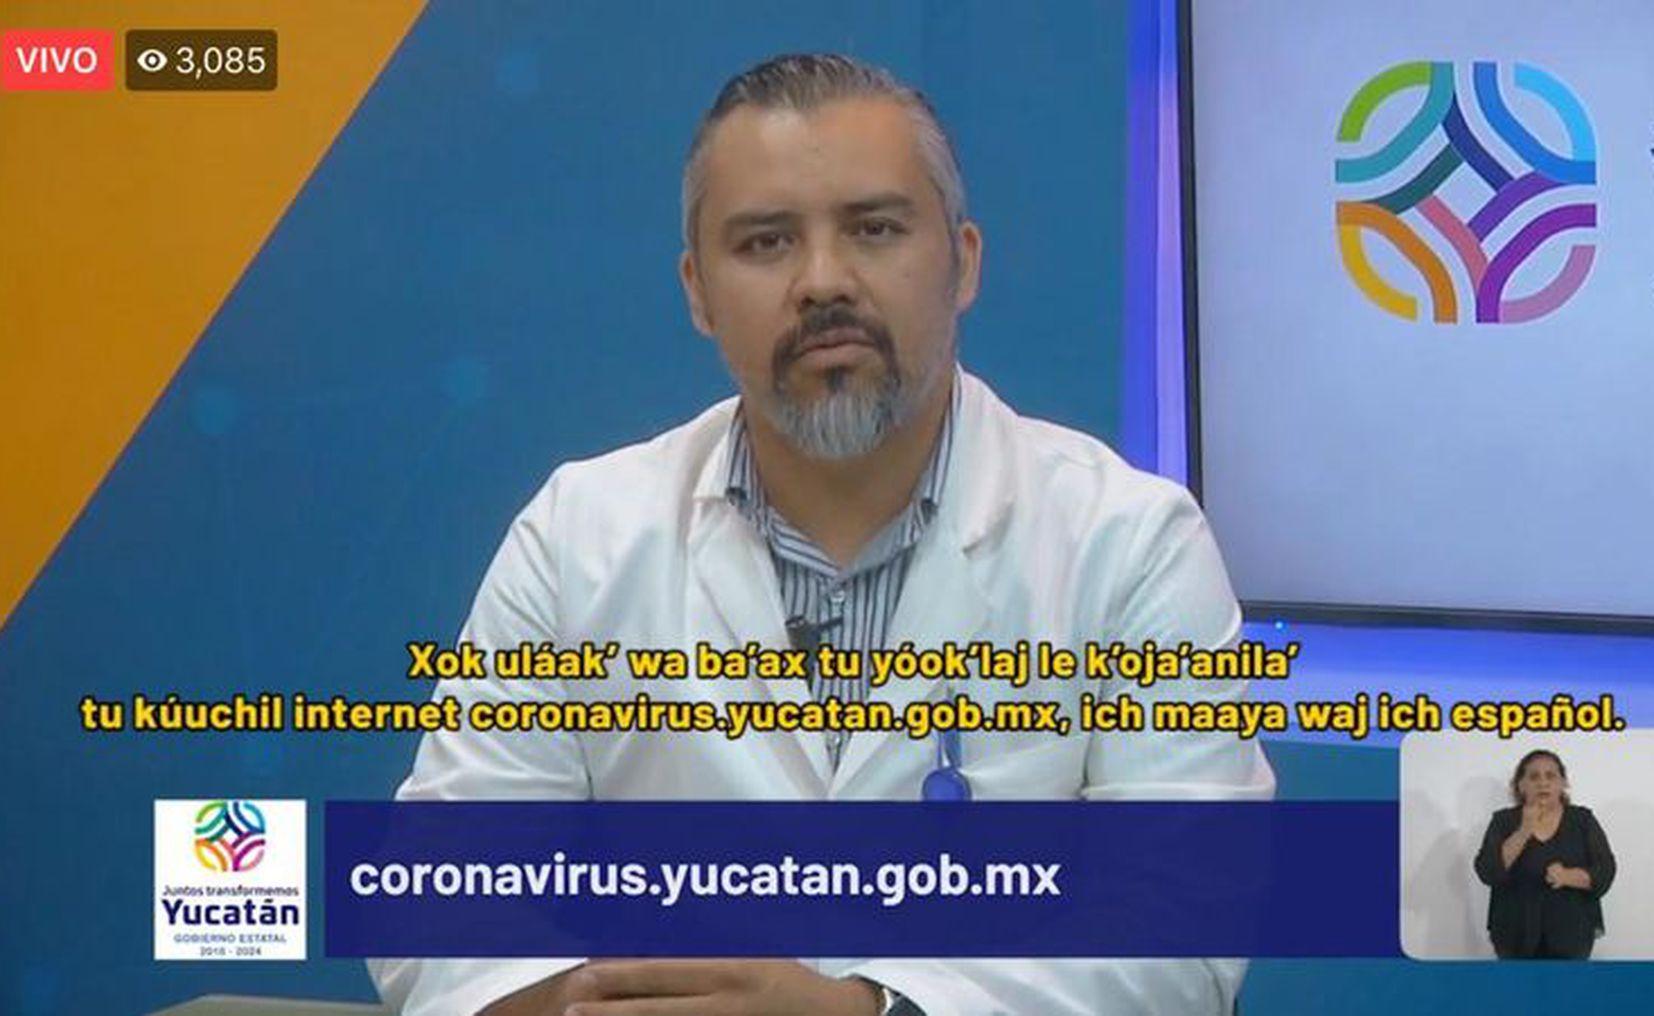 Informan del primer muerto por Covid-19 en Yucatán